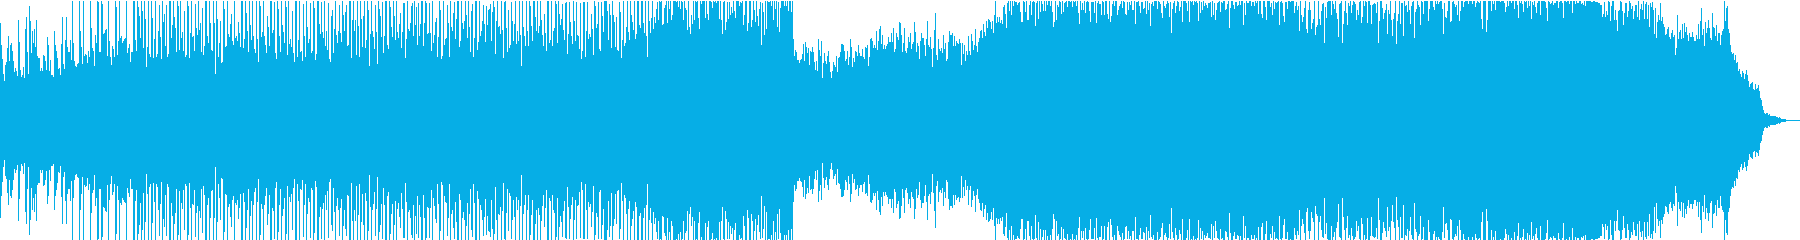 弦楽四重奏とシンセのポストクラシカルの再生済みの波形